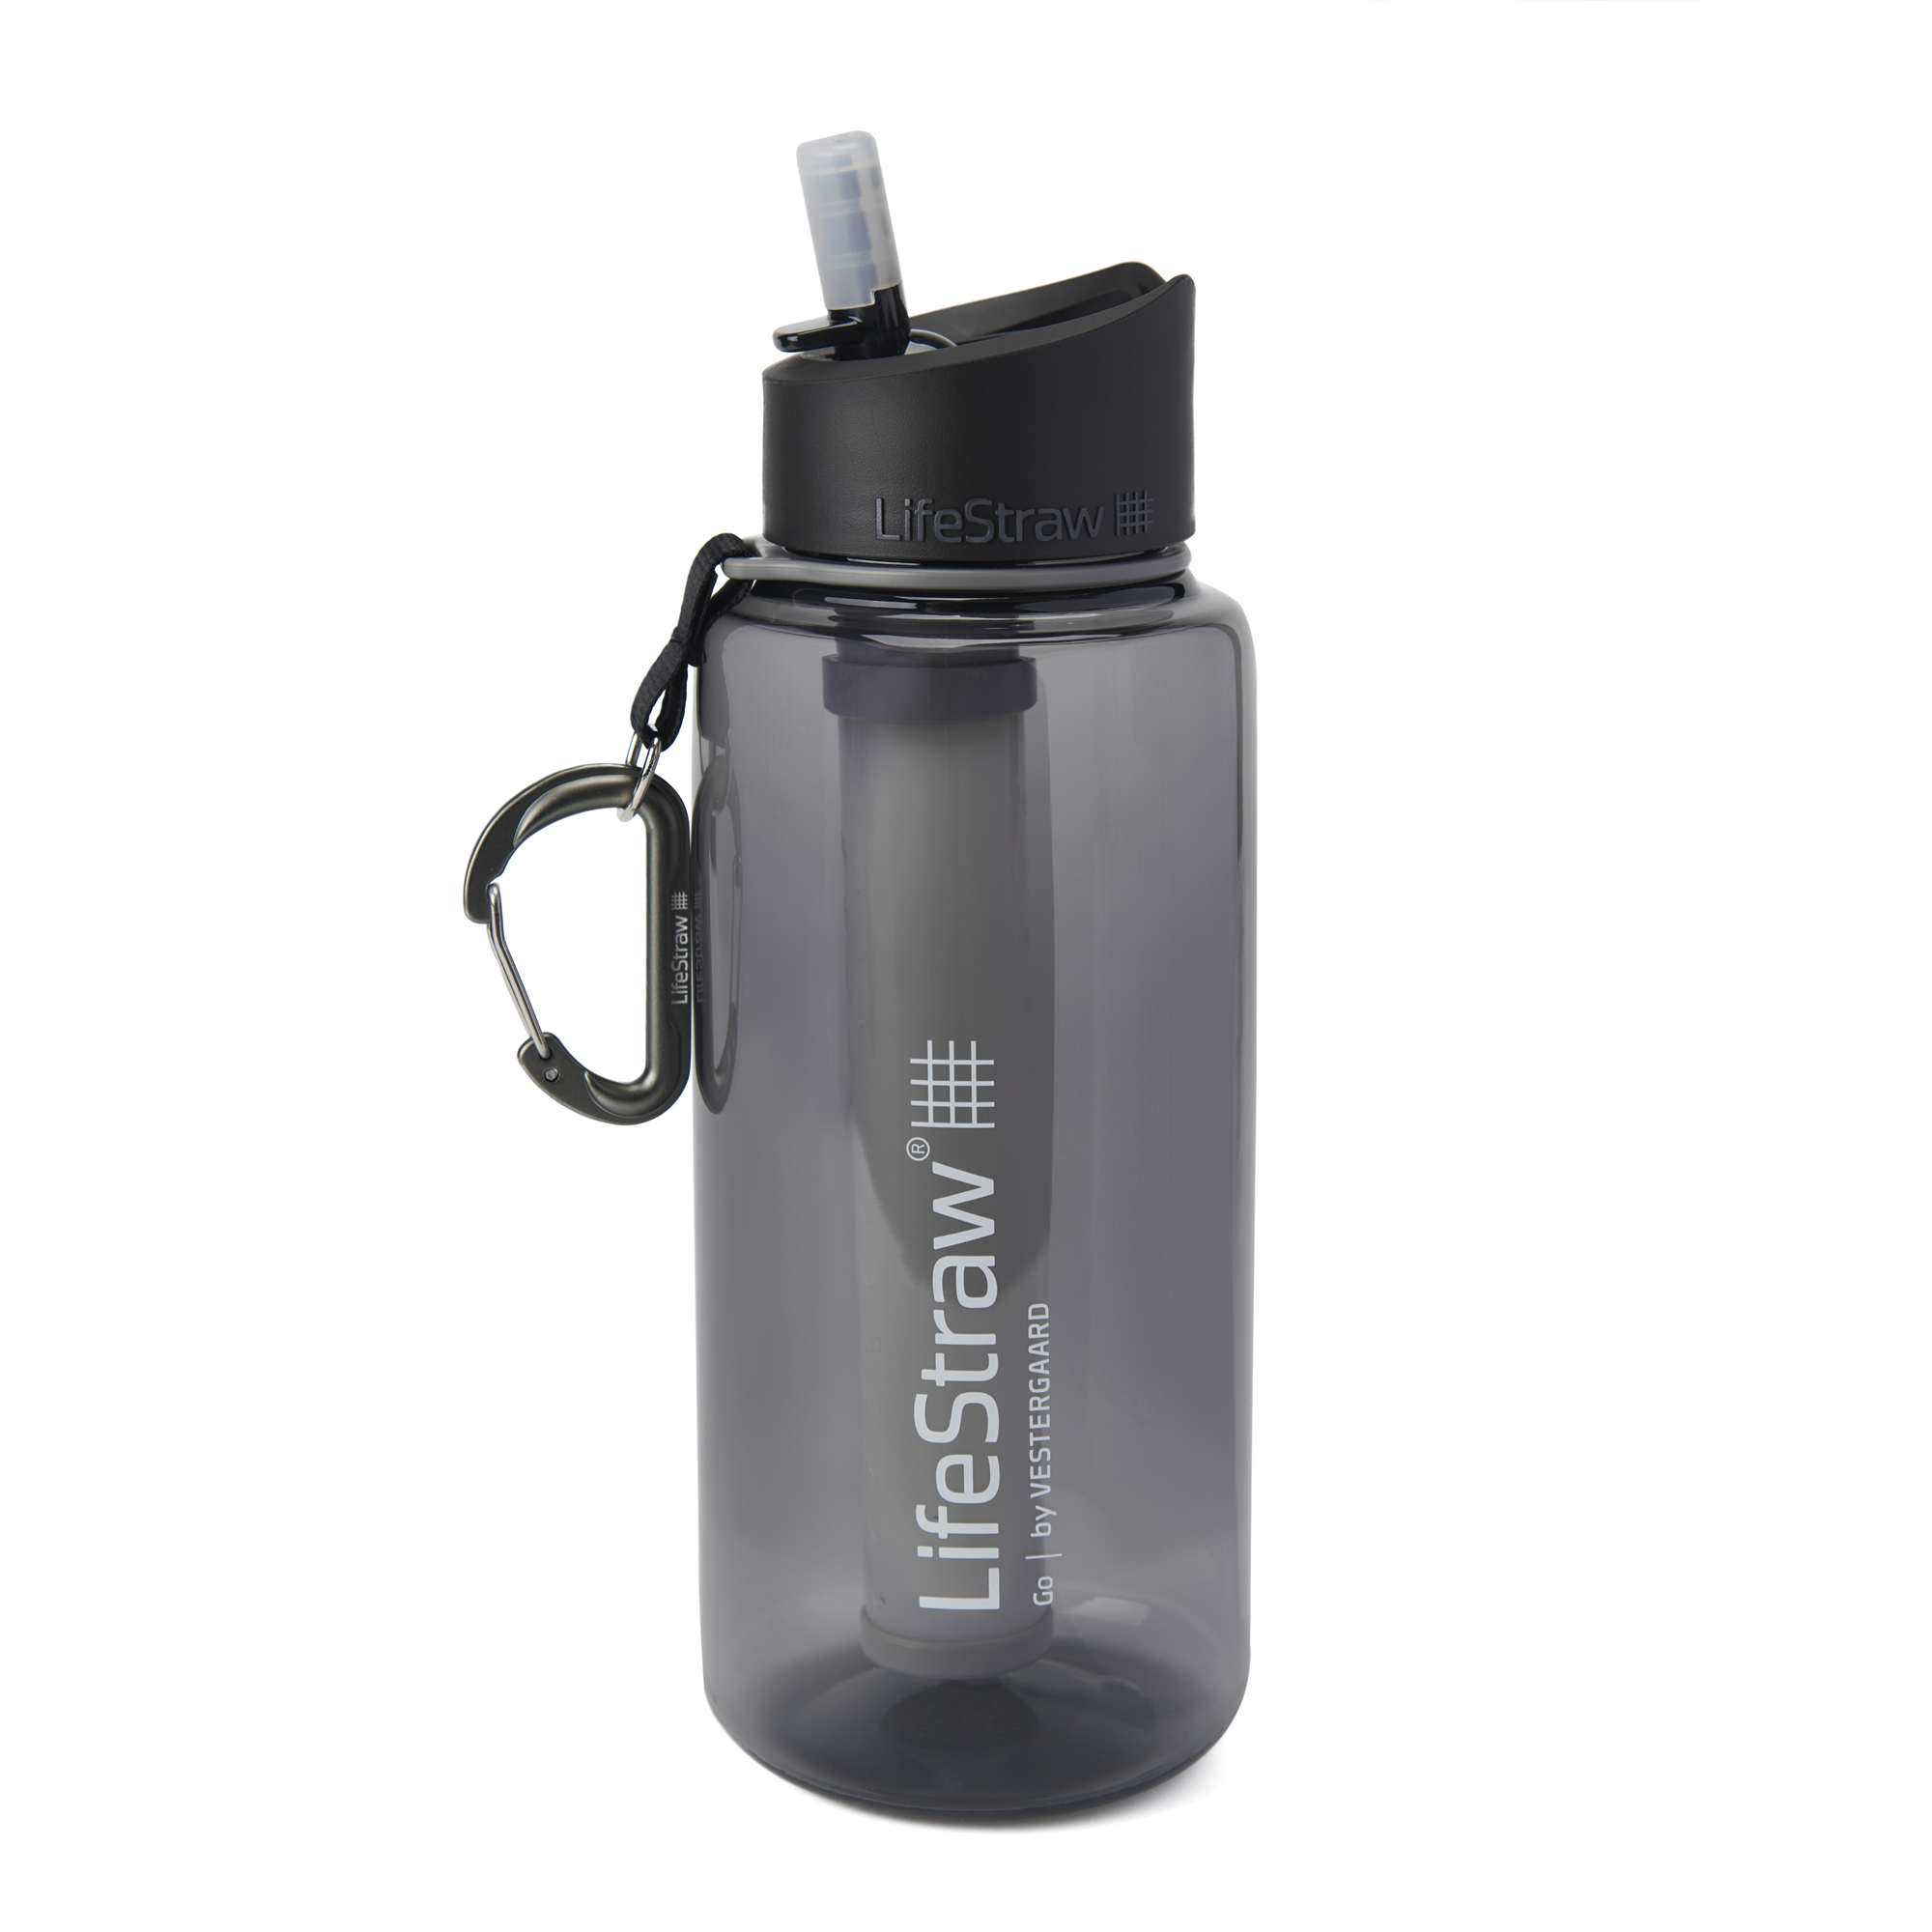 Lifestraw Wasserfilter – Neuheiten 2020